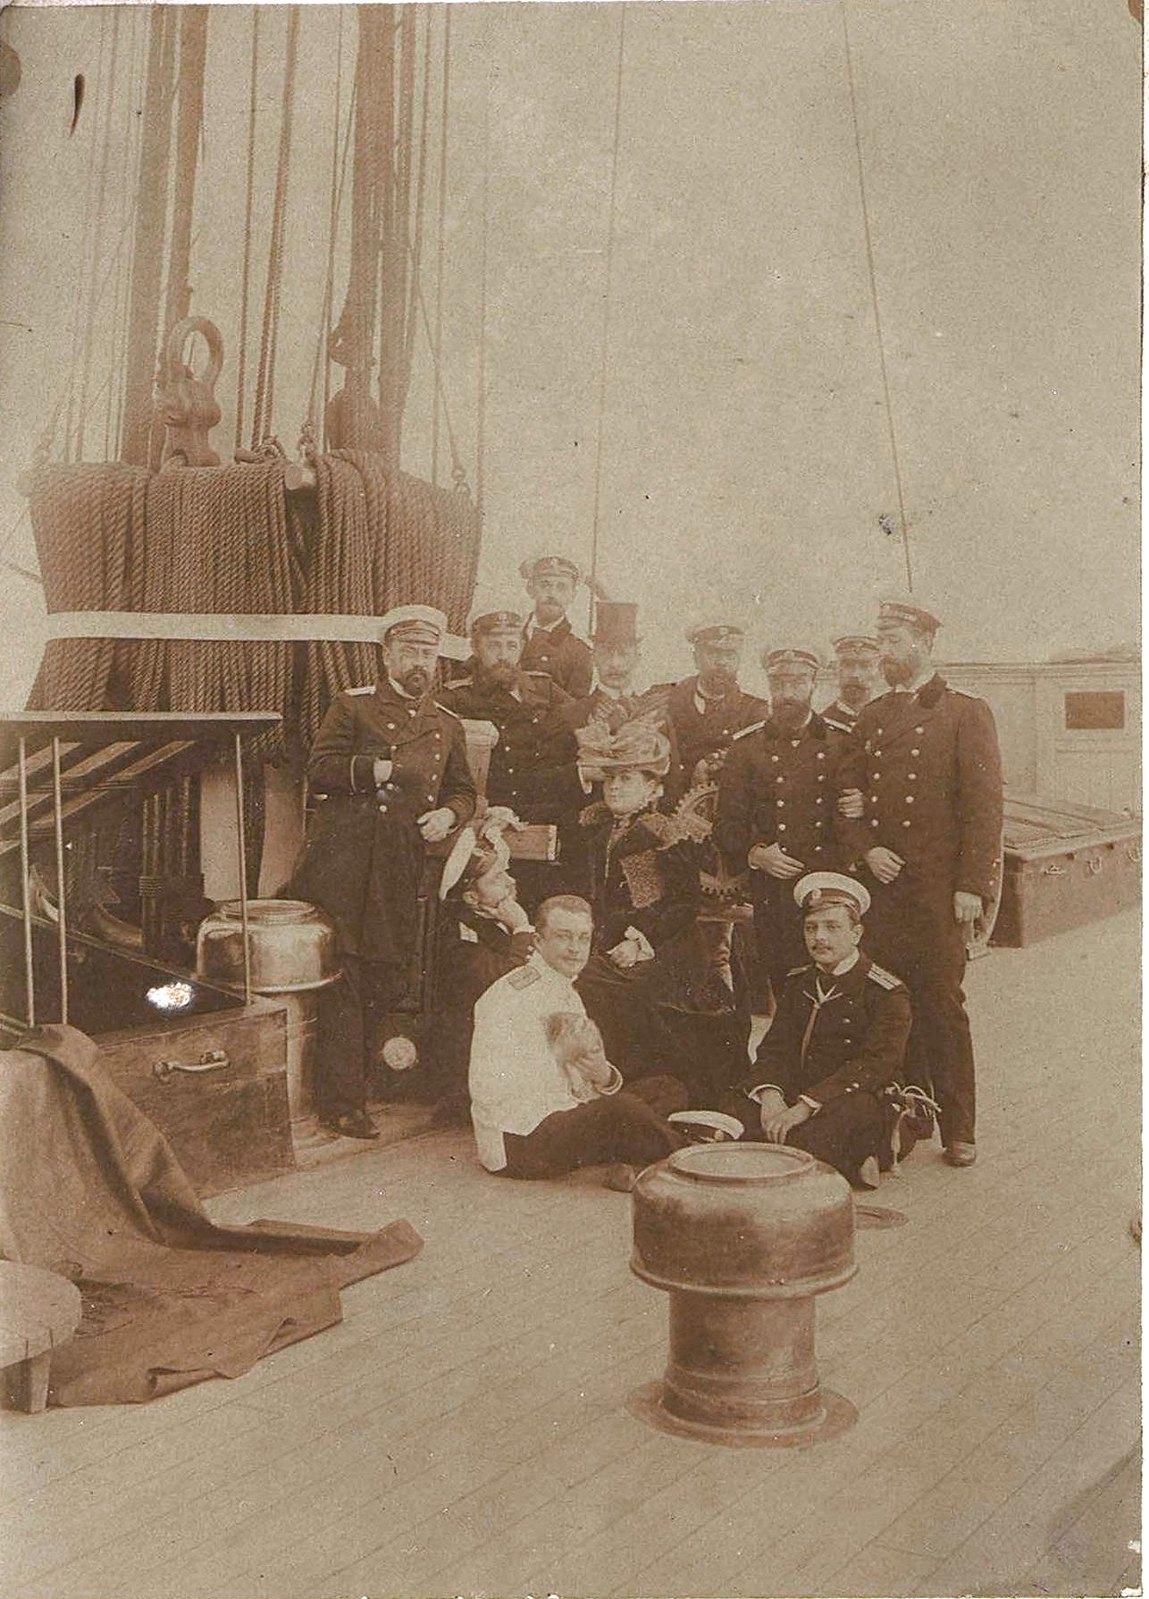 1897. Алжир. Месье и мадам Де Раддаз в гостях на борту крейсера «Владимир Мономах». Декабрь